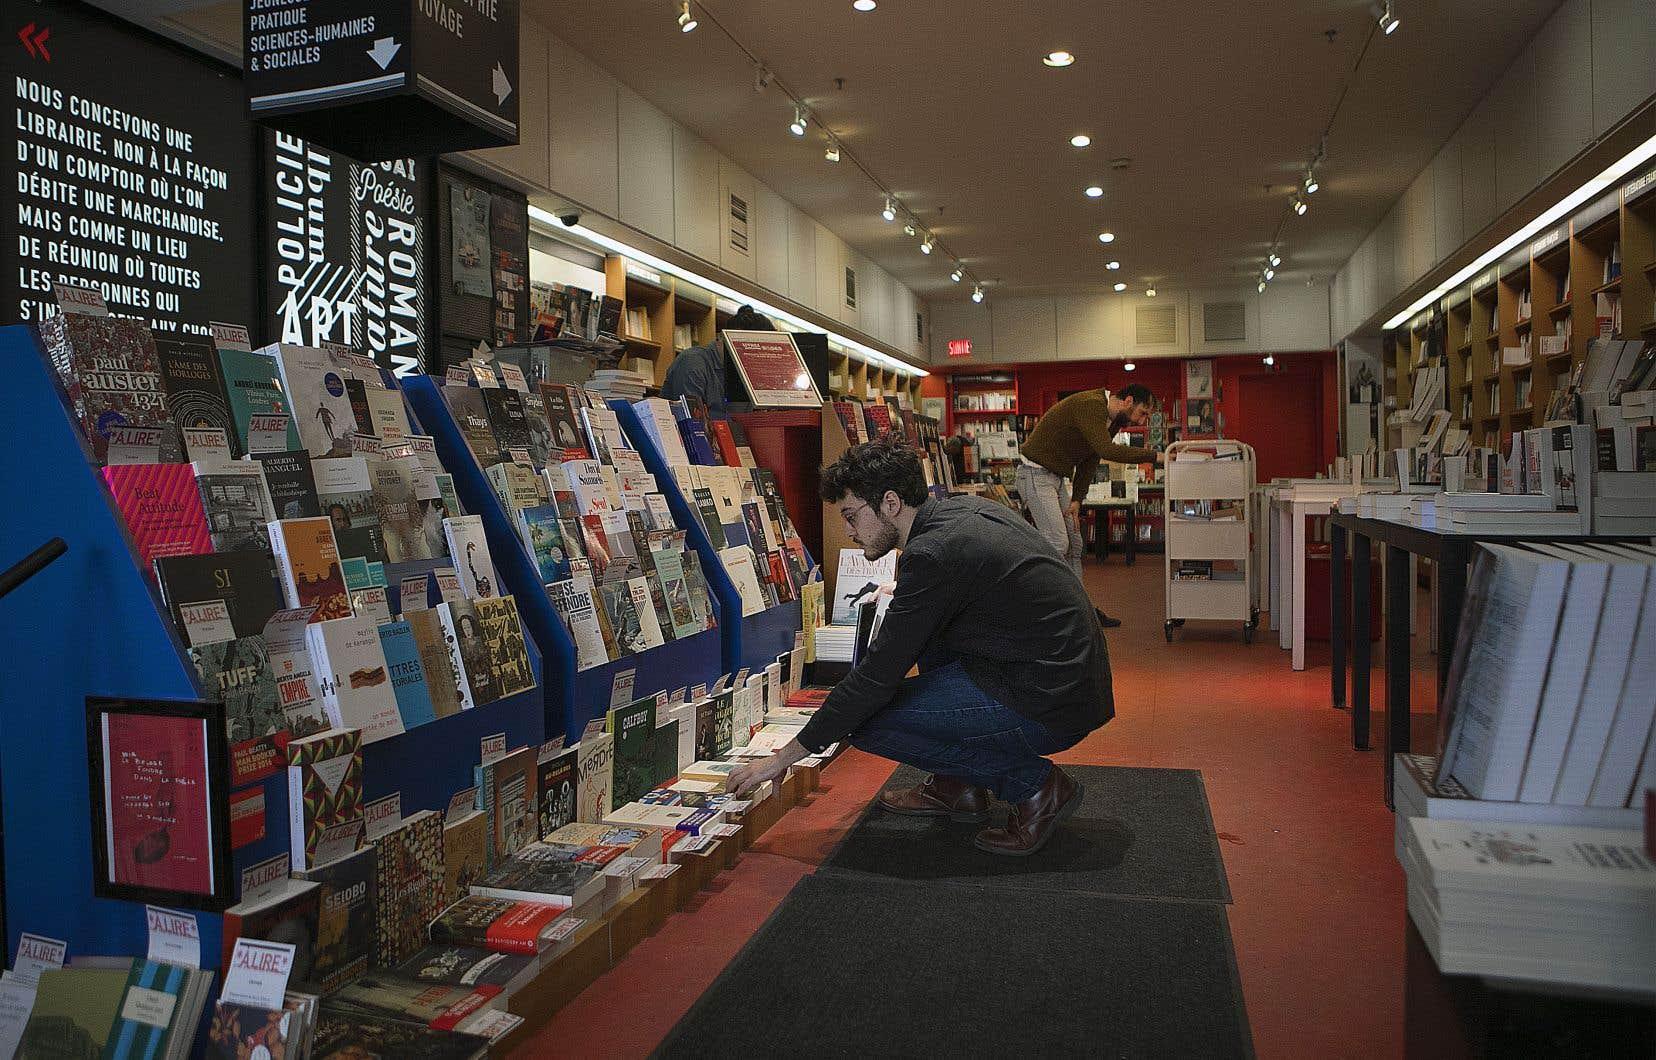 La LIQ espère qu'en se déployant, Quialu permettra de tisser une proximité entre lecteurs, libraires et littérature. Un des objectifs est aussi de faire découvrir le travail précieux des «libraires-influenceurs», comme ceux de la Librairie Gallimard (notre photo).